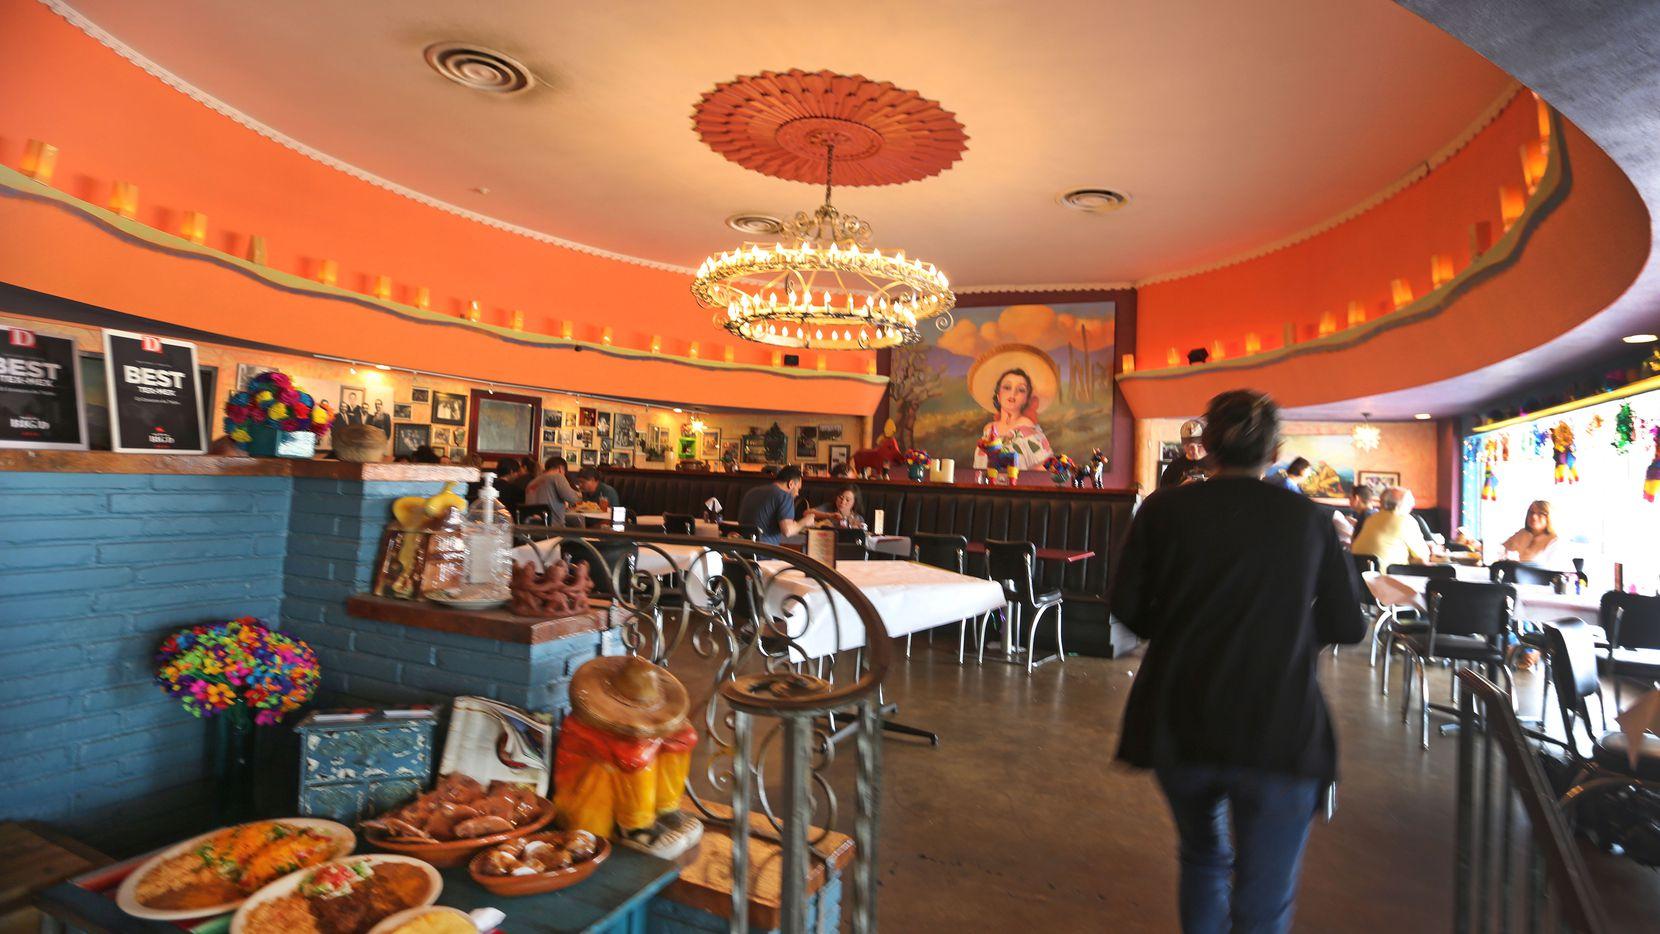 El Corazón de Tejas, uno de los restaurantes tradicionales de Oak Cliff, anunció su cierre definitivo. DMN